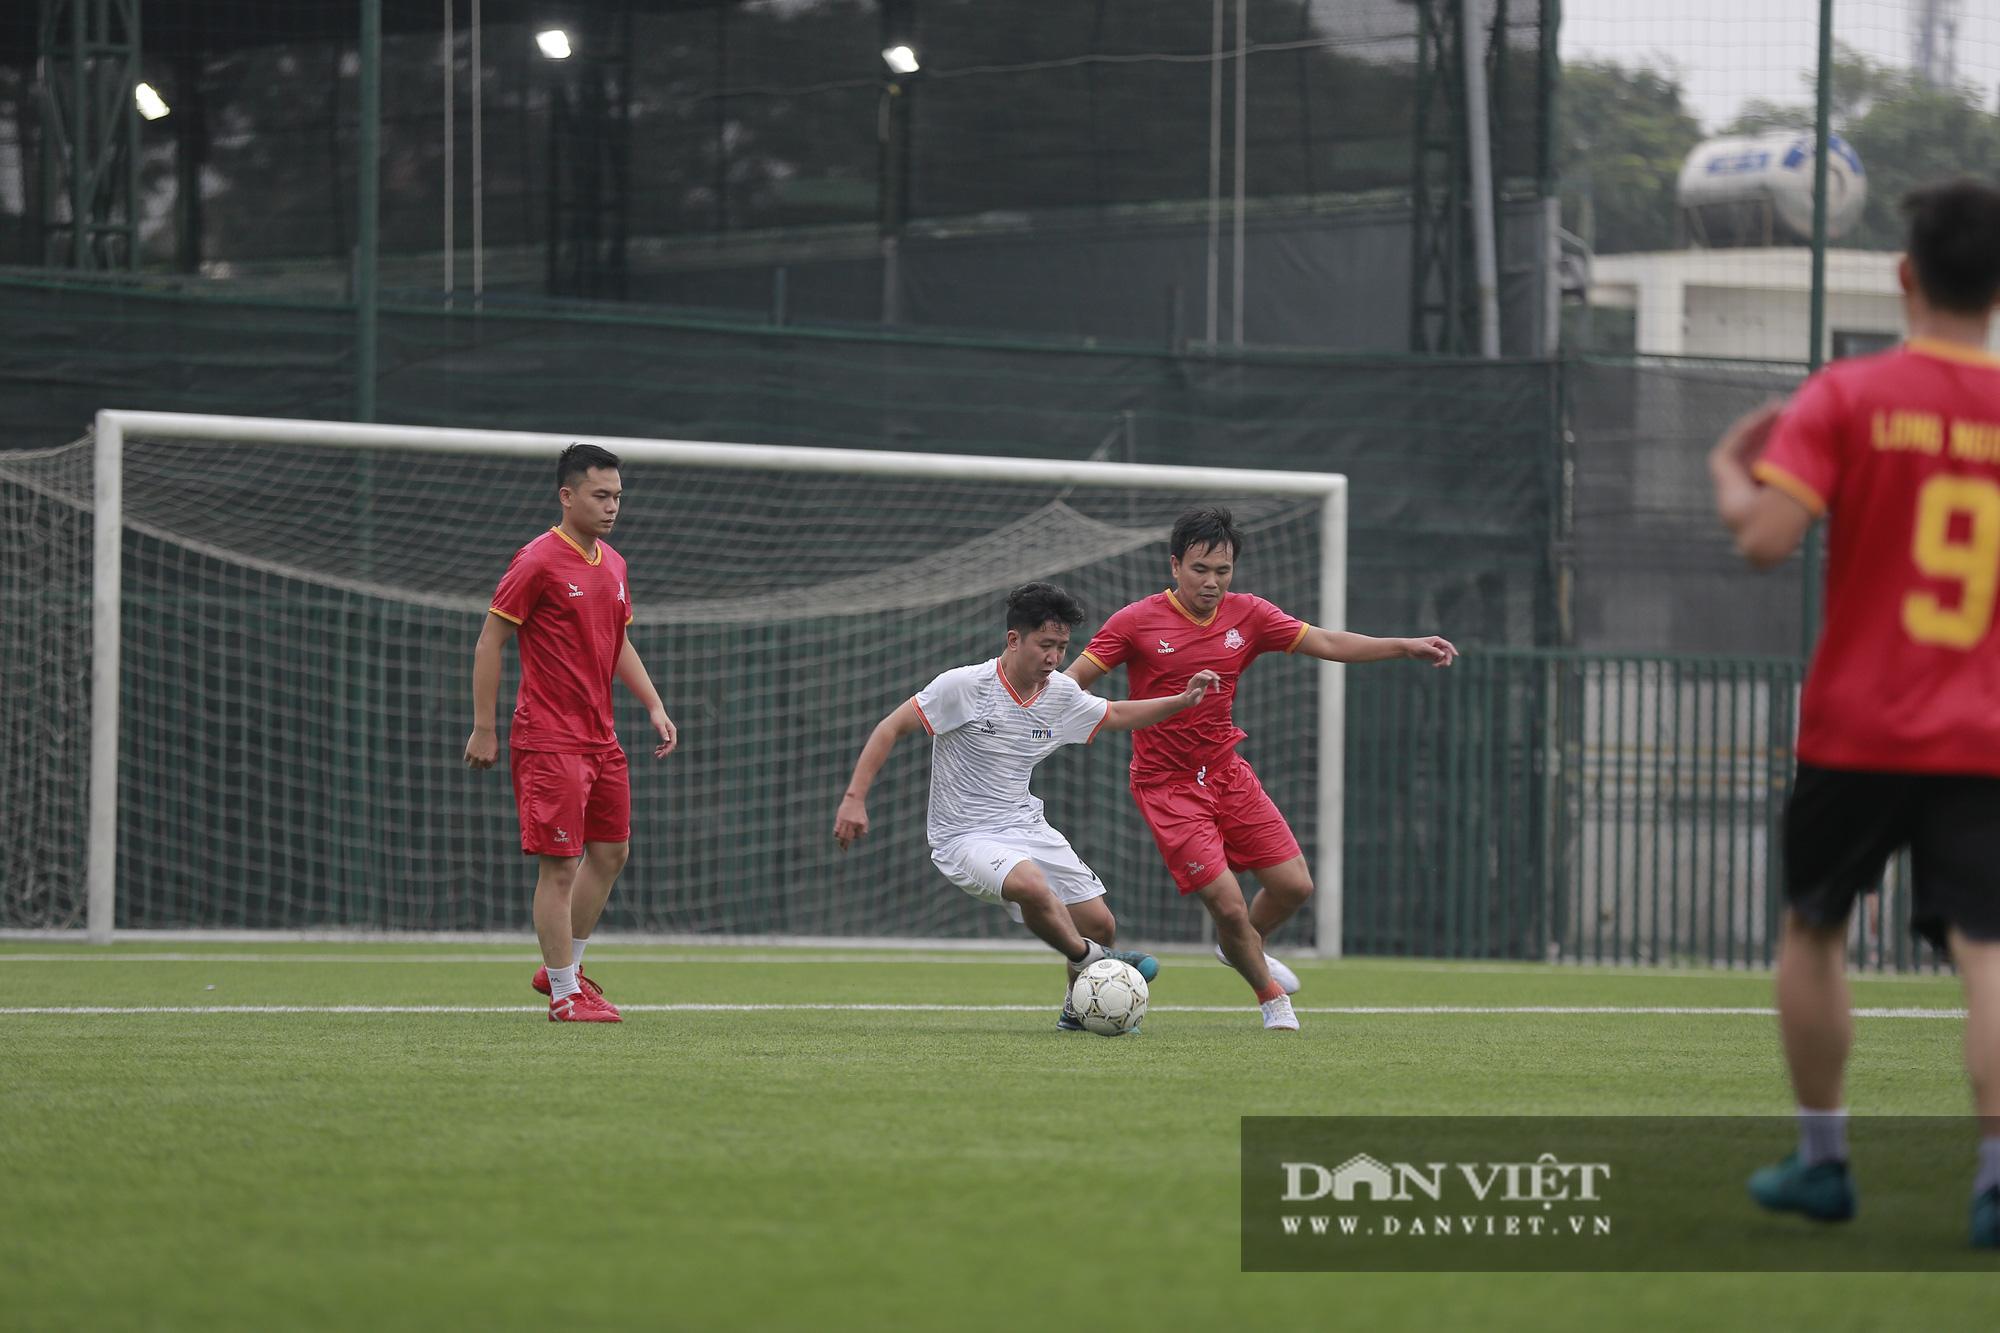 Khoảnh khắc lượt trận cuối cùng vòng bảng giải bóng đá báo NTNN/Dân Việt  - Ảnh 11.